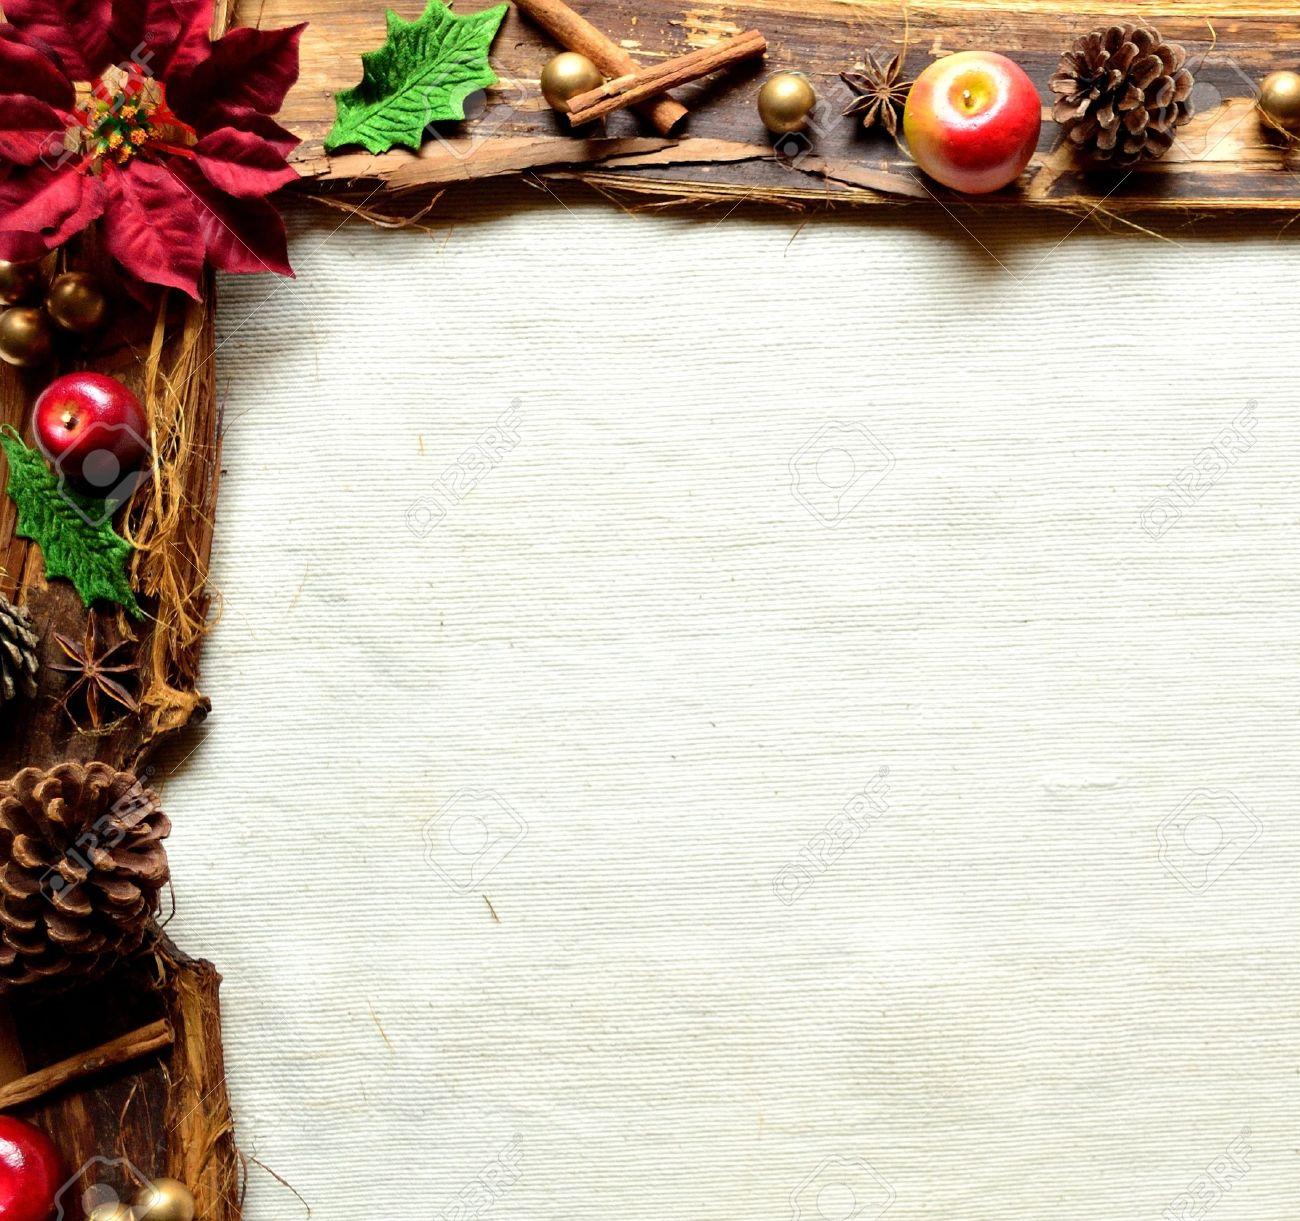 Berühmt Weihnachten Frames Für Bilder Zeitgenössisch - Rahmen Ideen ...